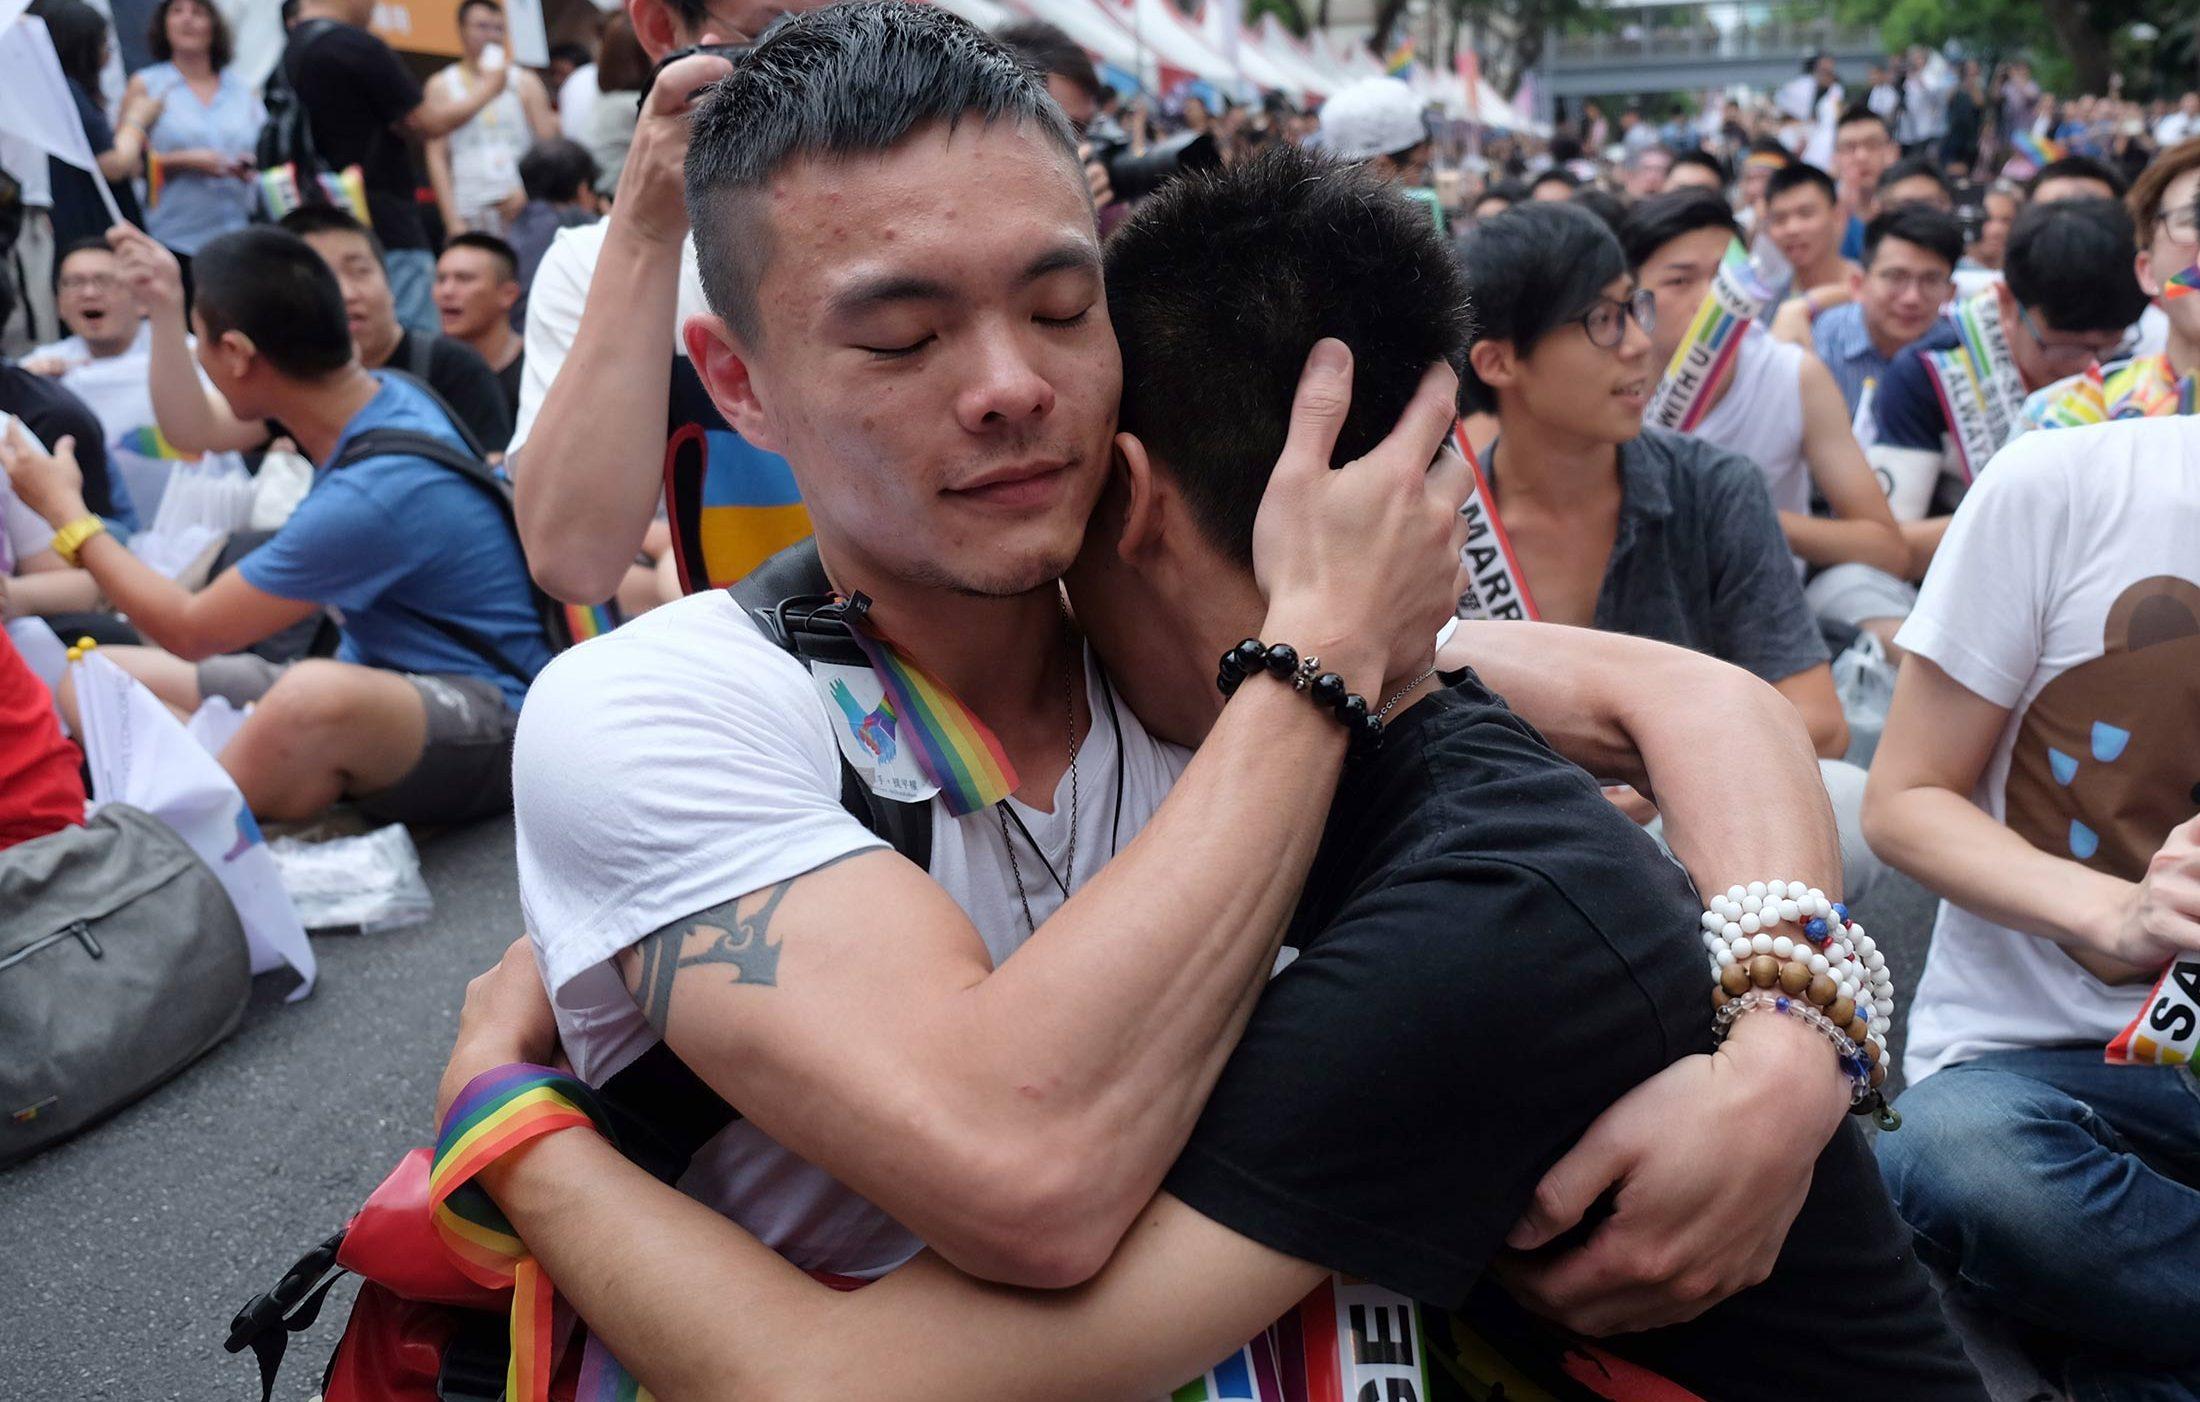 İzleyin: Tayvan'ın Evlilik Eşitliği Mücadelesinin Anlatılması Gereken Hikayesi